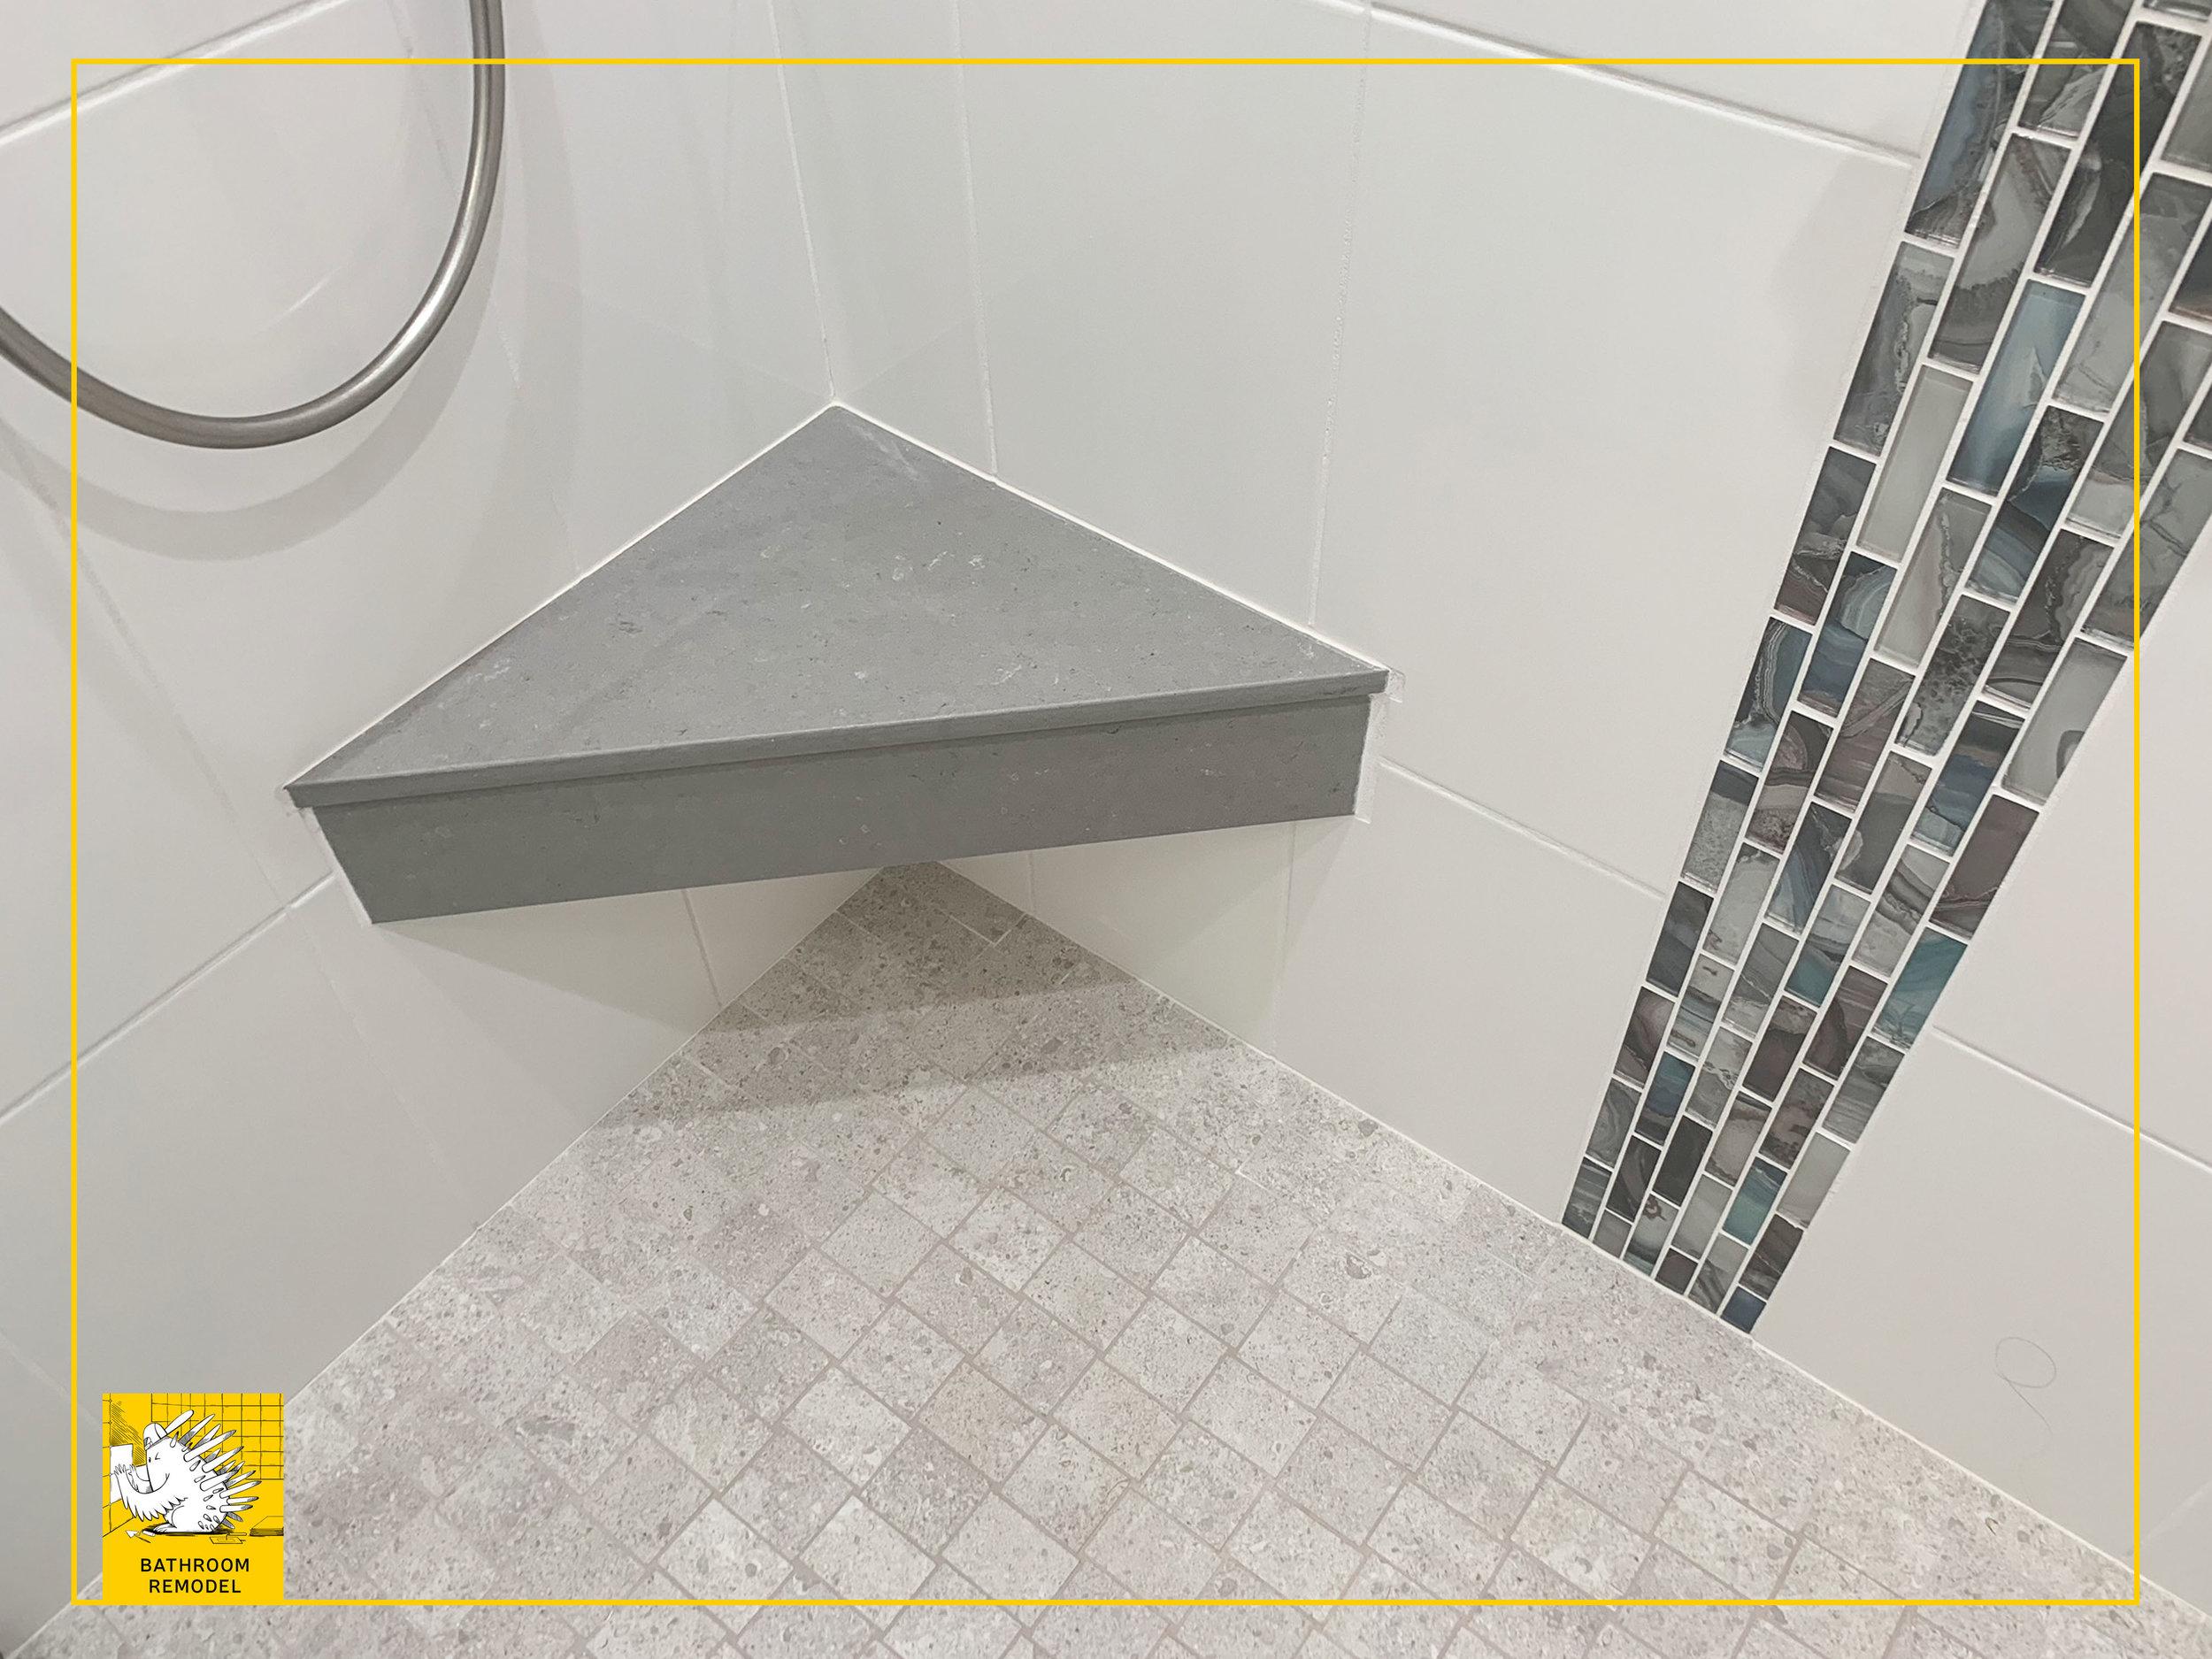 MT 2 bathroom remodel 05.jpg